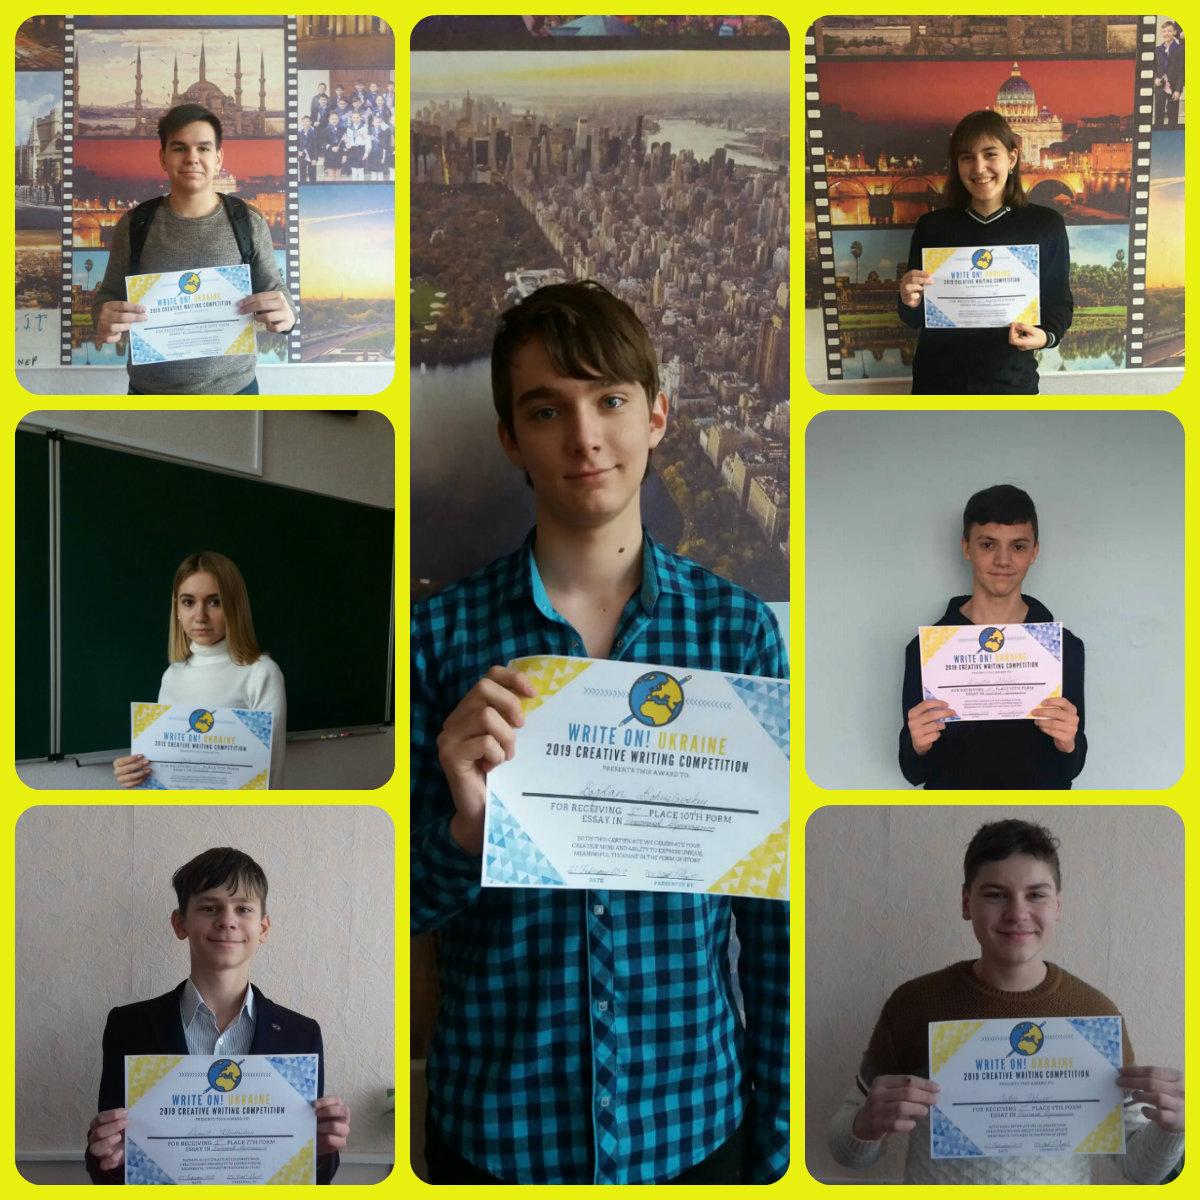 учні Первомайської гімназії в конкурсі творчого письма англійською мовою